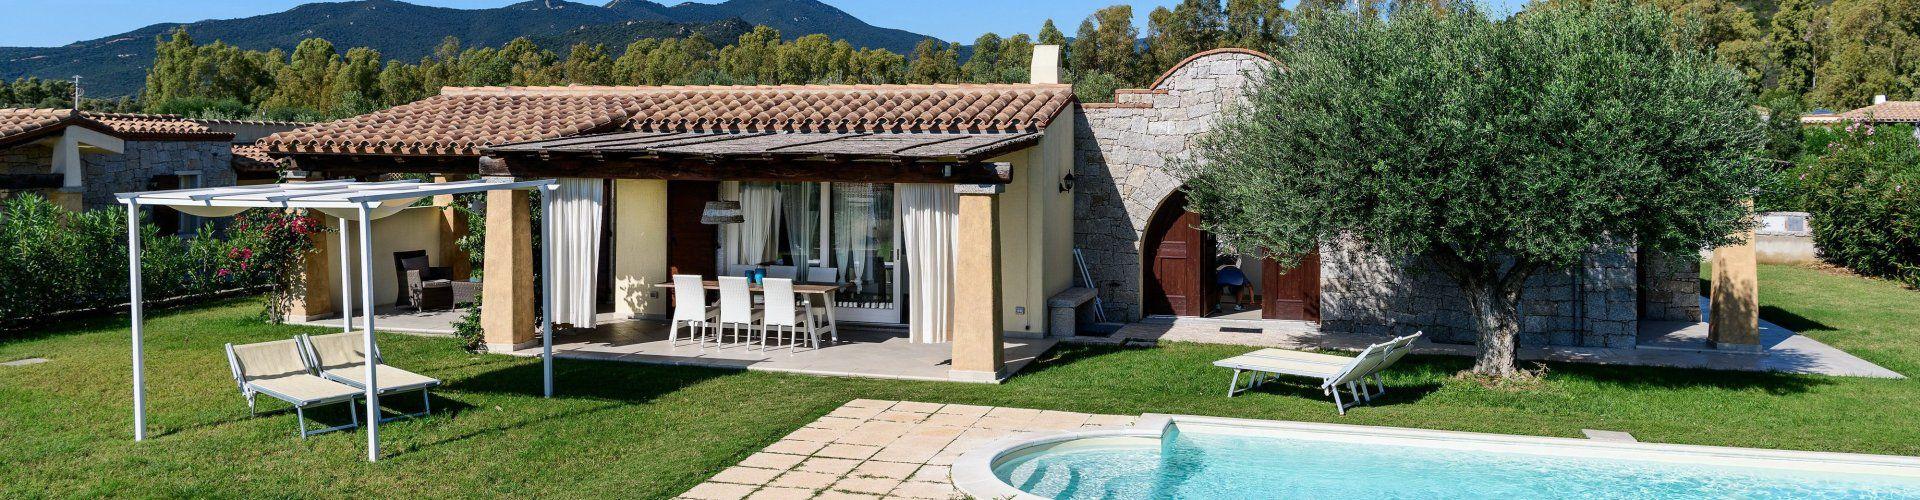 Villa con terrazza e piscina privata